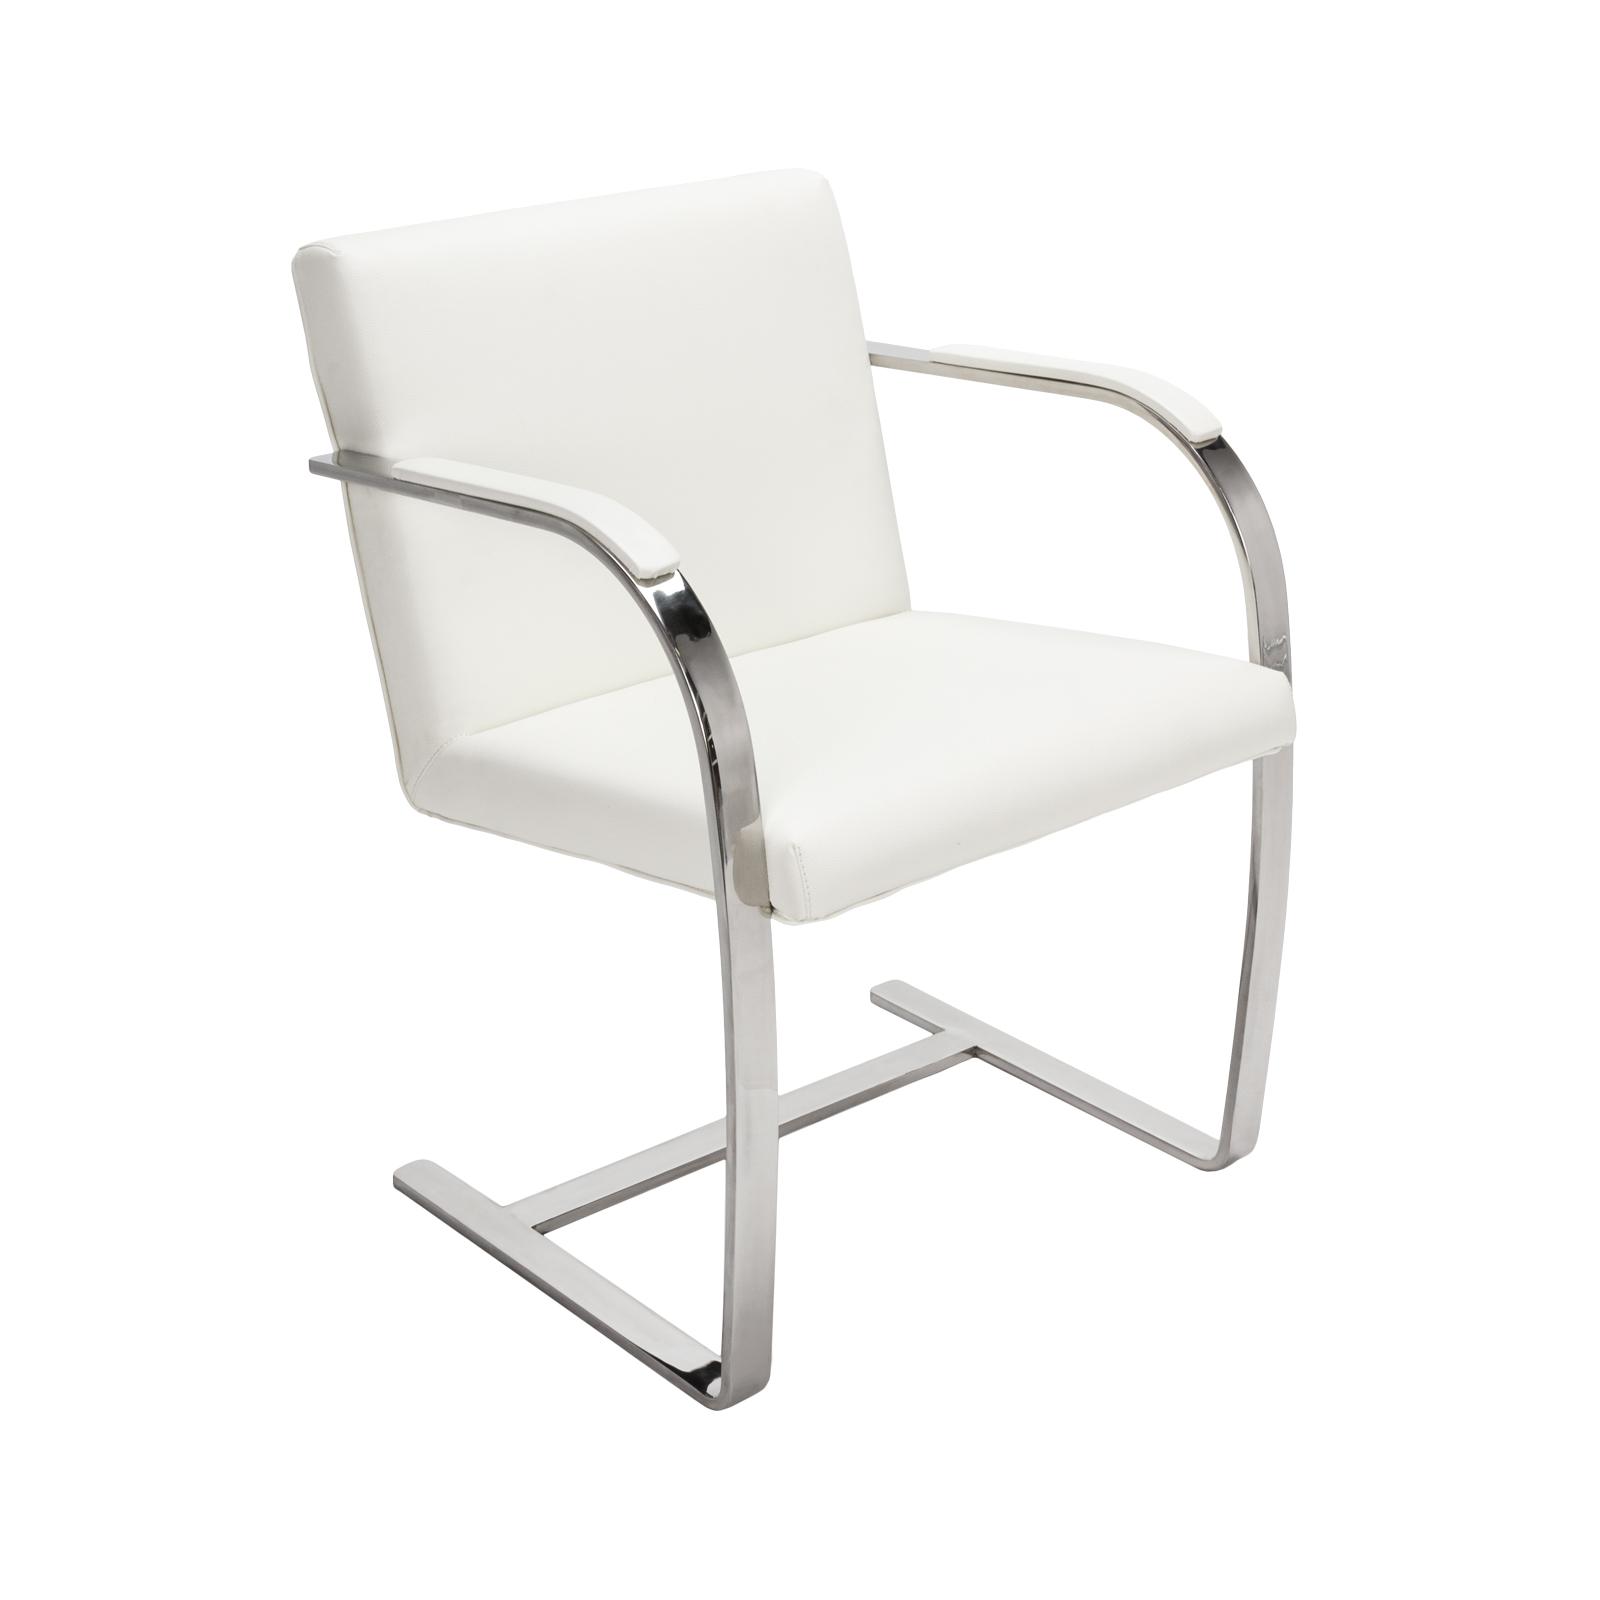 Brno Chair Rentals Mies van der Rohe Delivery